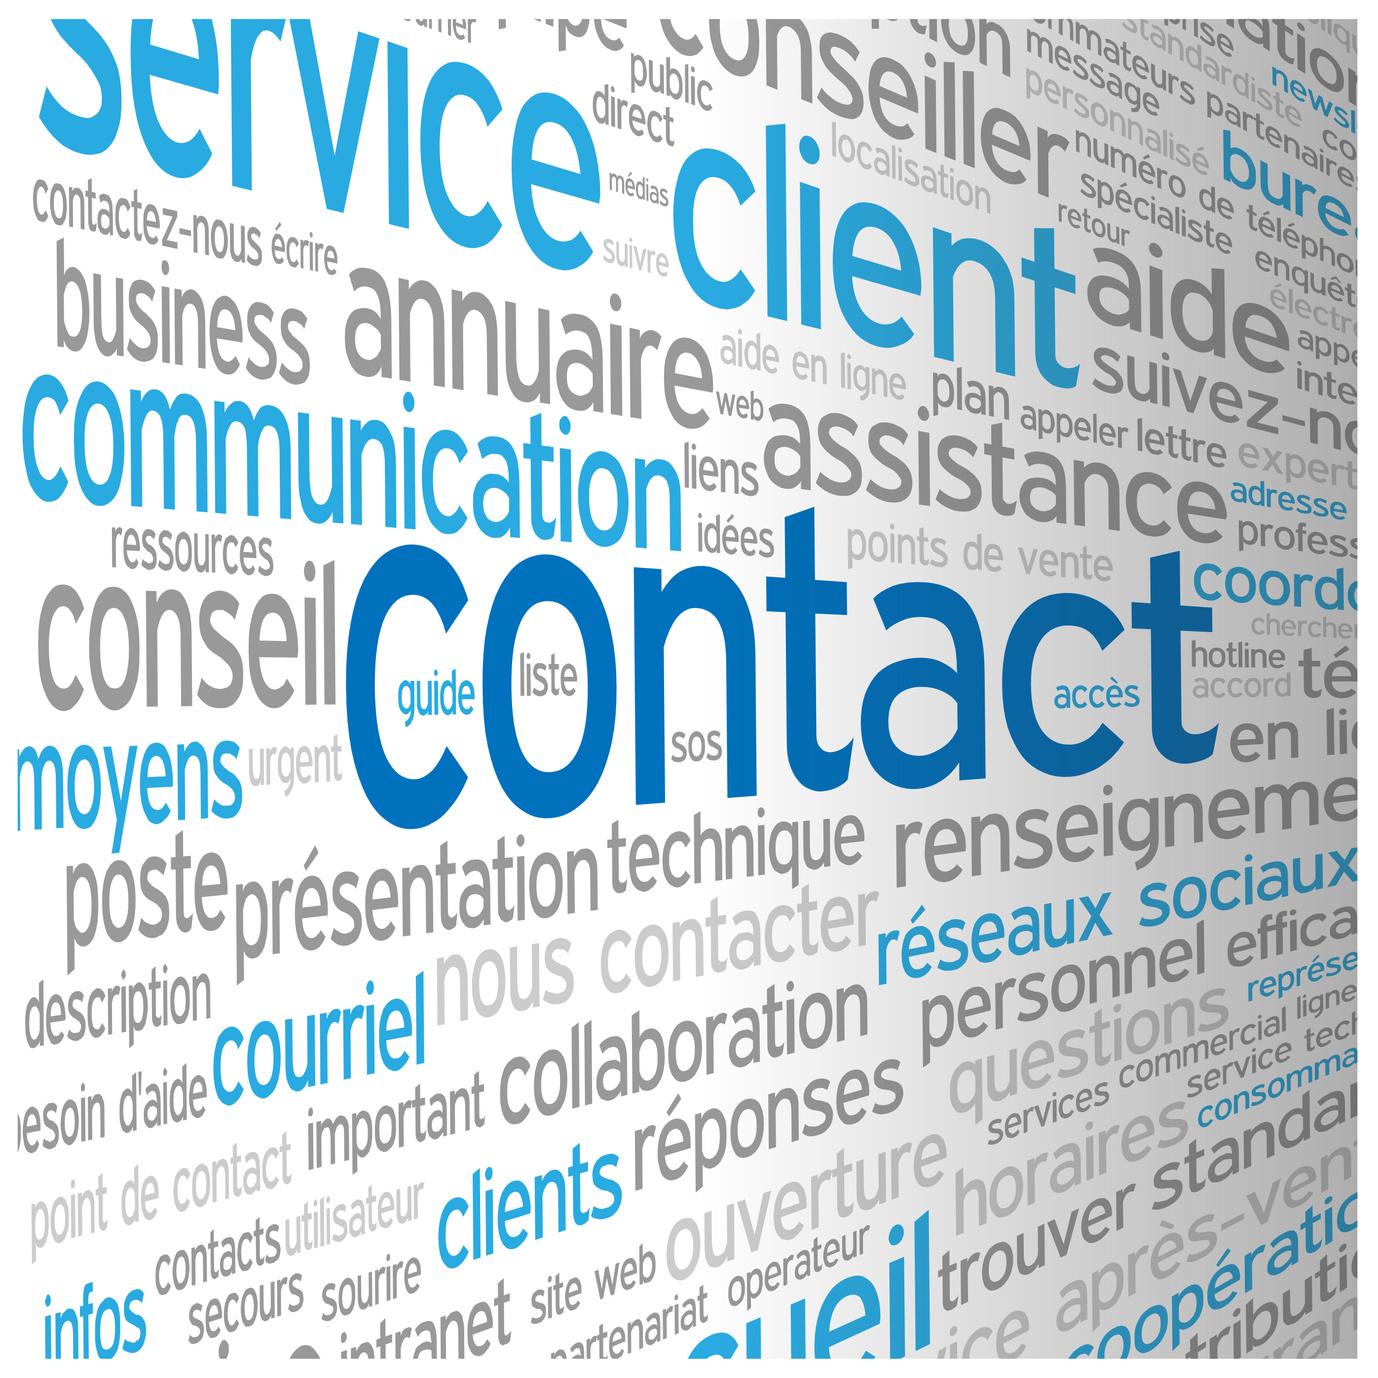 CONTACT (service clients coordonnées accueil aide